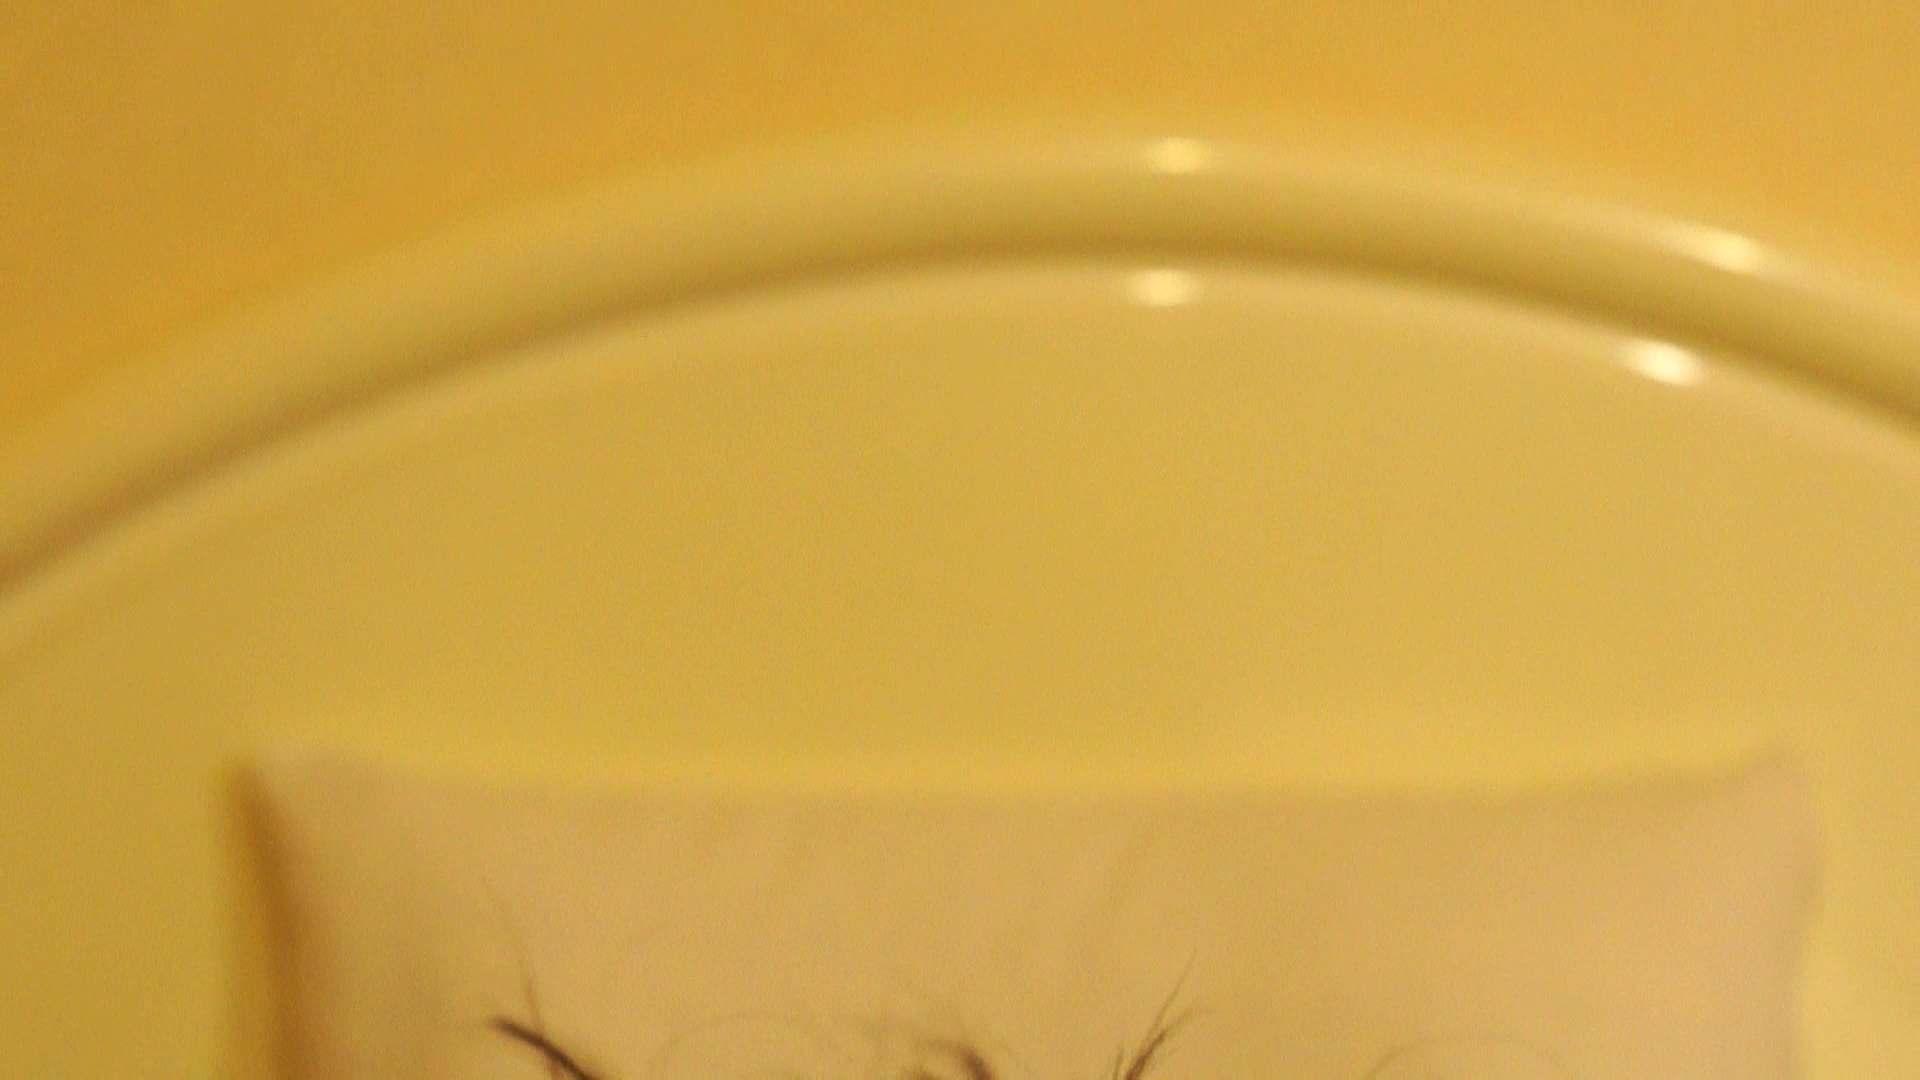 vol.13 瑞希ちゃんにバナナを舐めてもらいました。 OLのボディ  57PIX 4